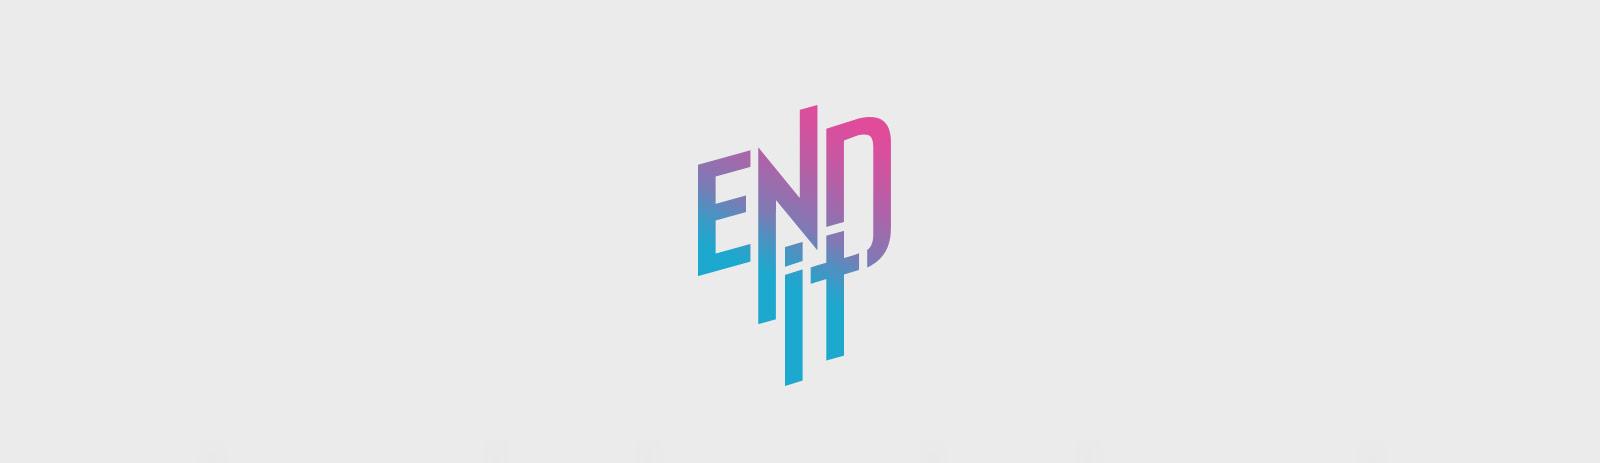 E.N.D. IT!